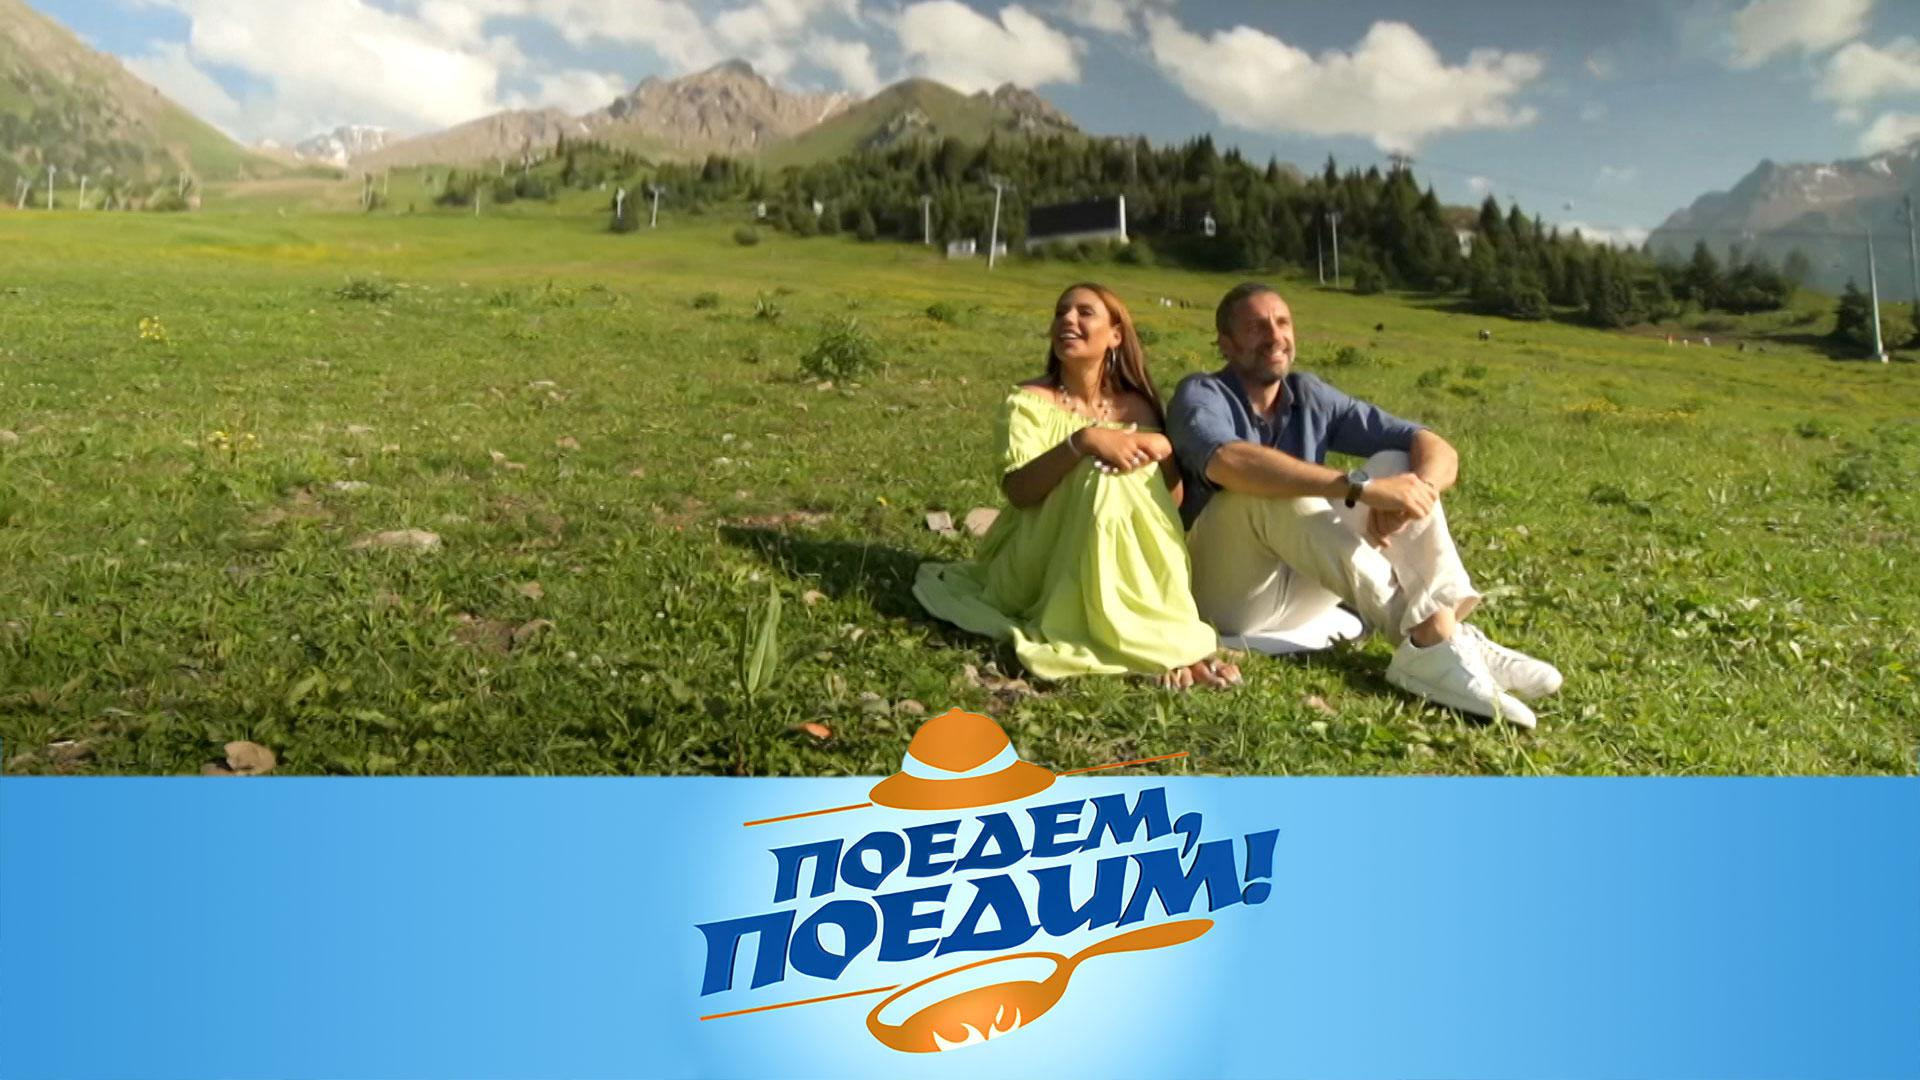 Казахстан: Алматы, озеро Иссык, лыжи на траве, рулет с кониной и сурпа | «Поедем, поедим!» на НТВ